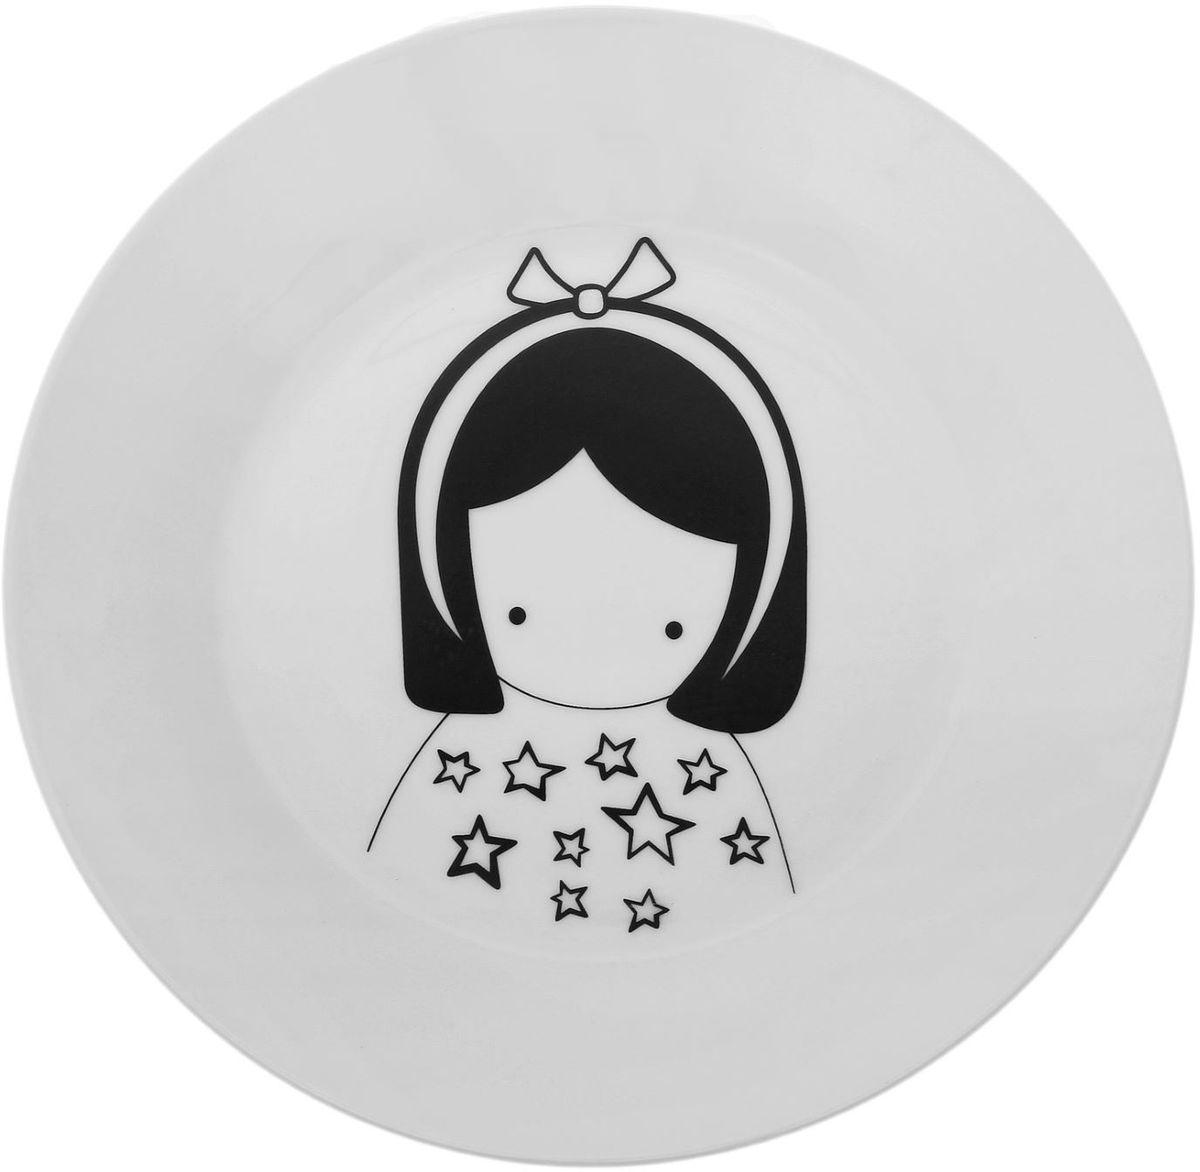 Тарелка Сотвори чудо Куколка, диаметр 23 см1661851Хотите обновить интерьер кухни или гостиной? Устраиваете необычную фотосессию или тематический праздник? А может, просто ищете подарок для близкого человека? Посуда Сотвори Чудо — правильный выбор в любой ситуации. Тарелка Сотвори Чудо, изготовленная из изящного фаянса нежного сливочного цвета, оформлена оригинальным рисунком со стойкой краской. Пригодна для посудомоечной машины.